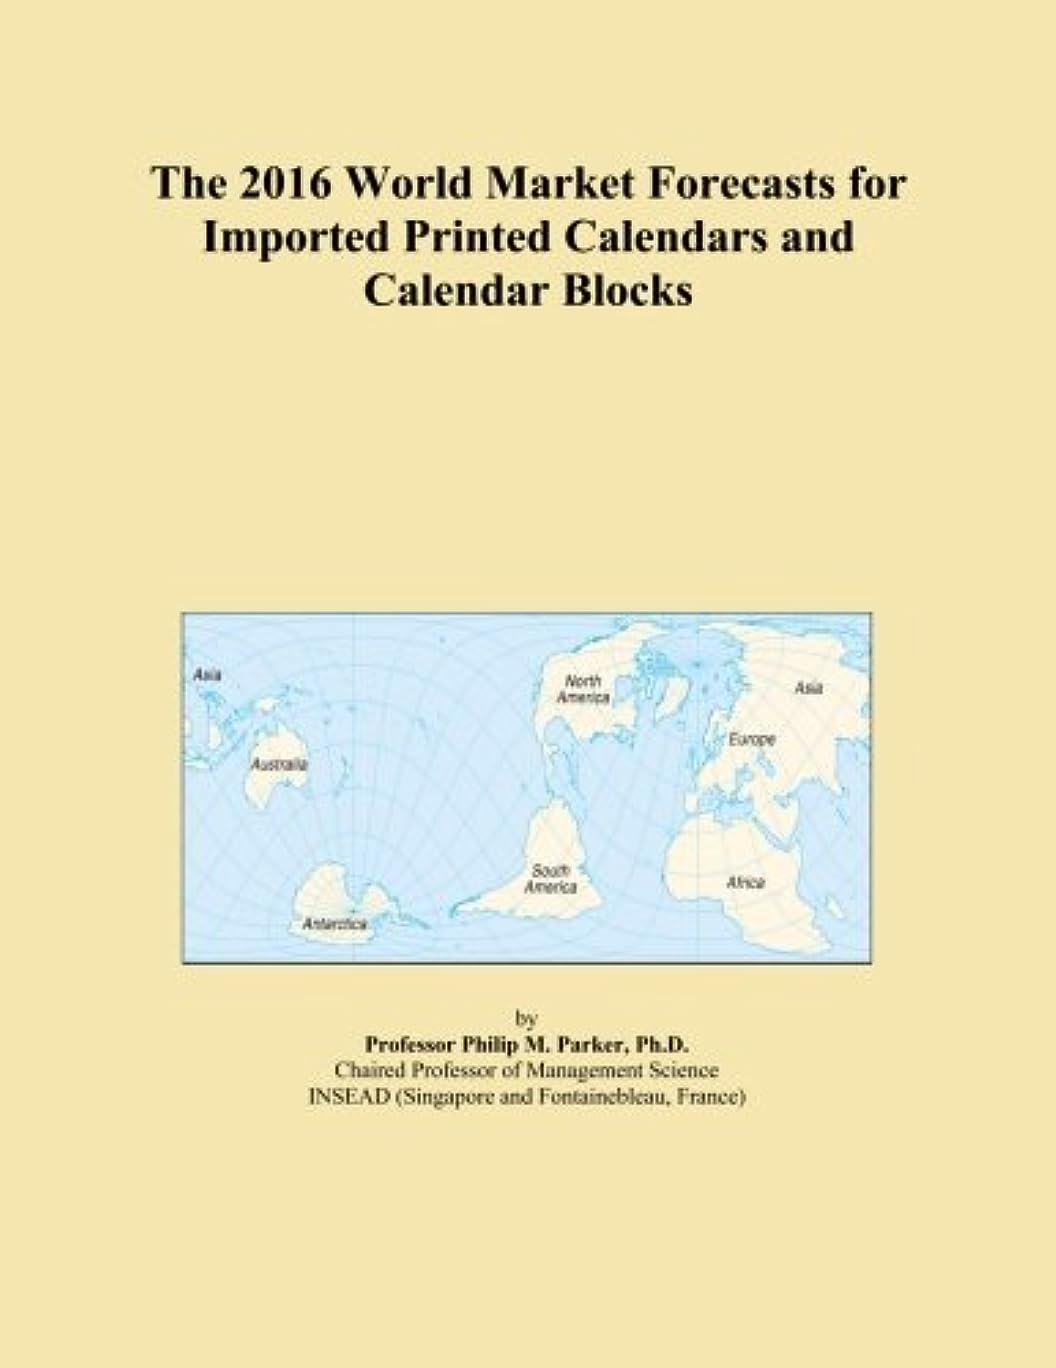 ほとんどない集中的な憂慮すべきThe 2016 World Market Forecasts for Imported Printed Calendars and Calendar Blocks